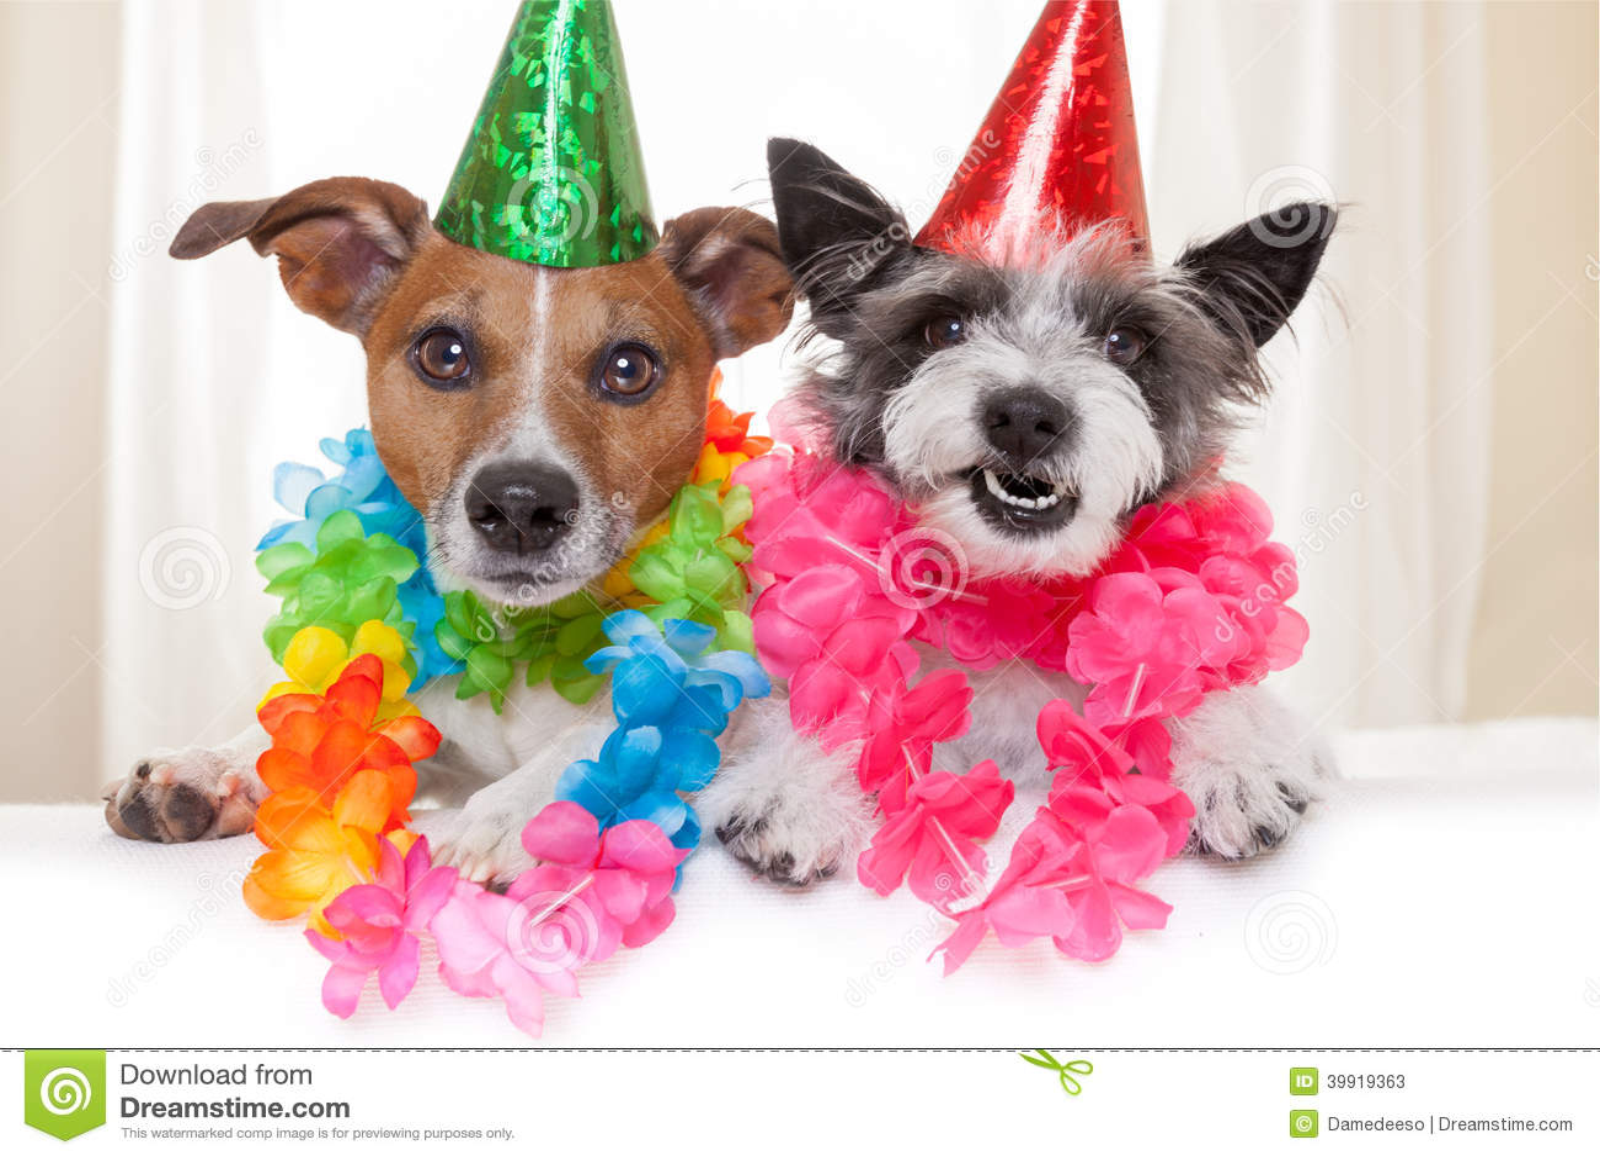 Cani Di Buon Compleanno Immagine Stock Immagine Di Festa 39919363